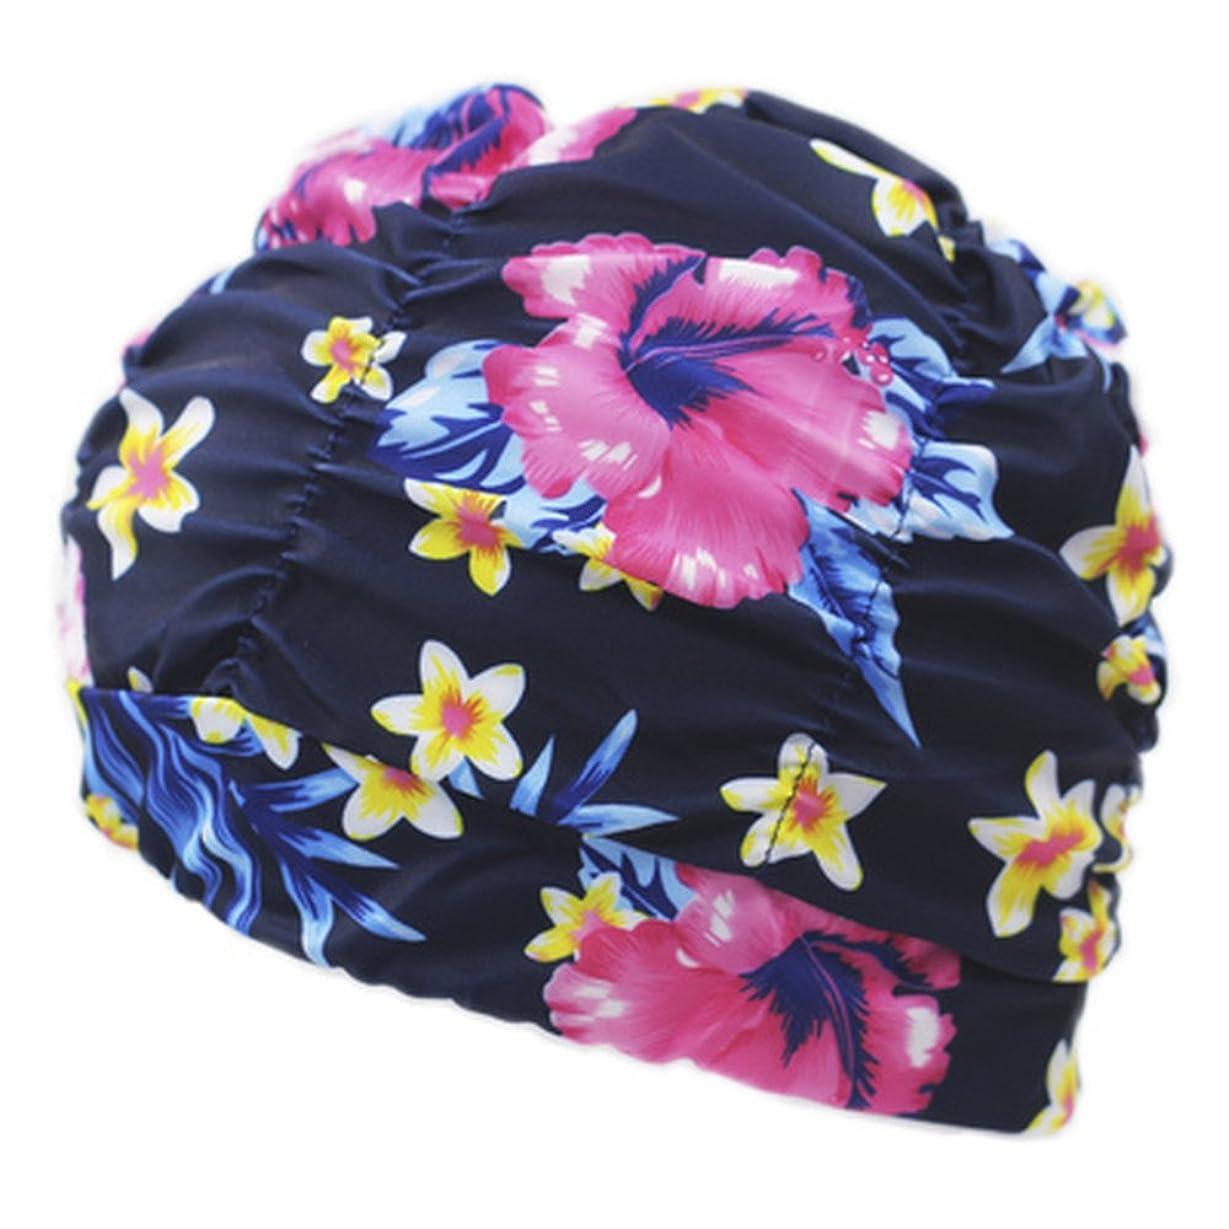 墓地会議栄光のふんわり スイムキャップ 水泳帽 スイミング キャップ 大人用 男女兼用